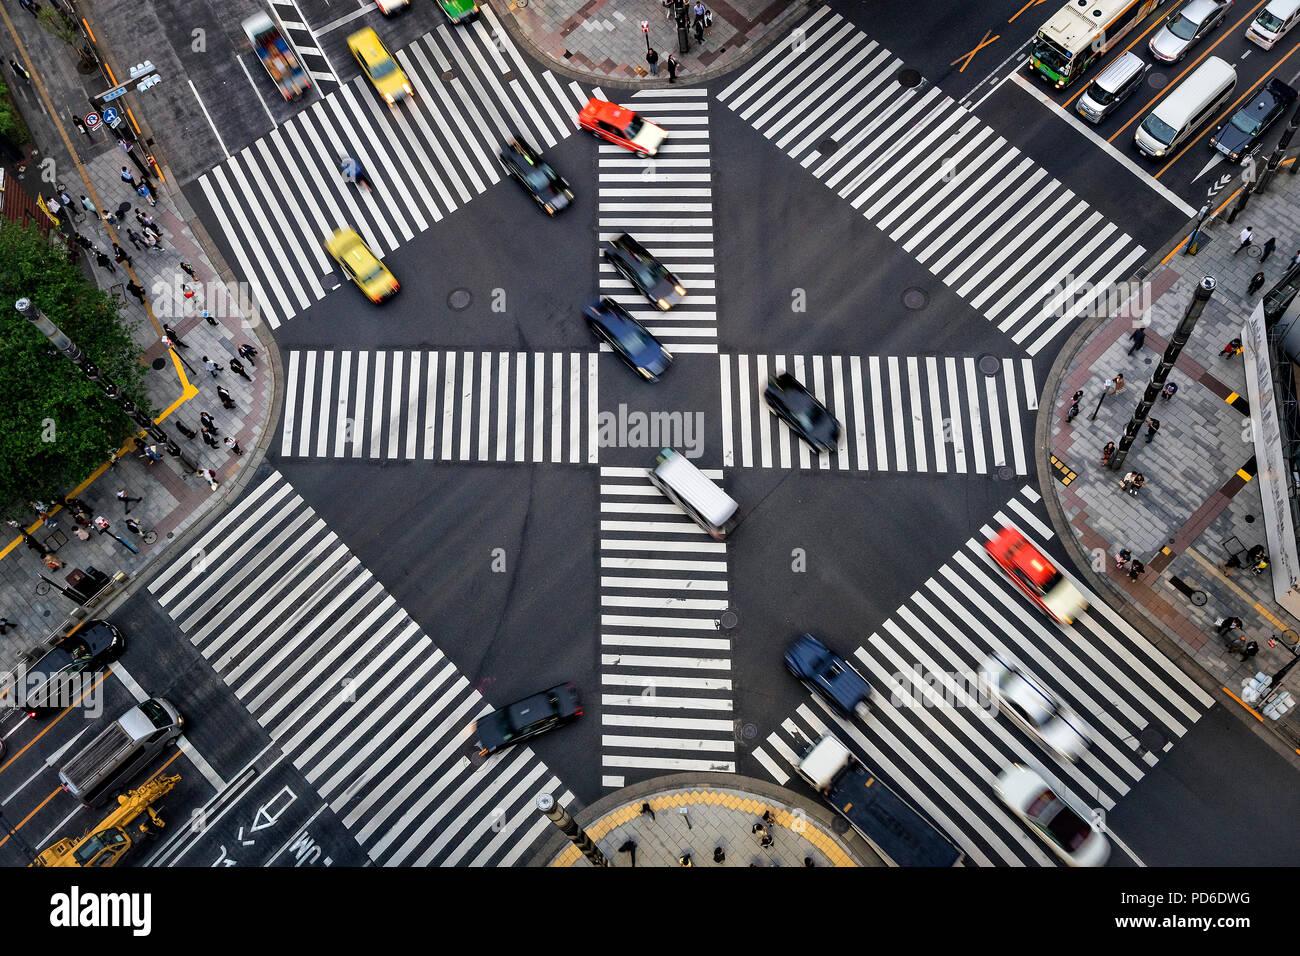 La isla de Japón, Honshu, Kanto, Tokio, vista aérea sobre el barrio de Ginza. Imagen De Stock